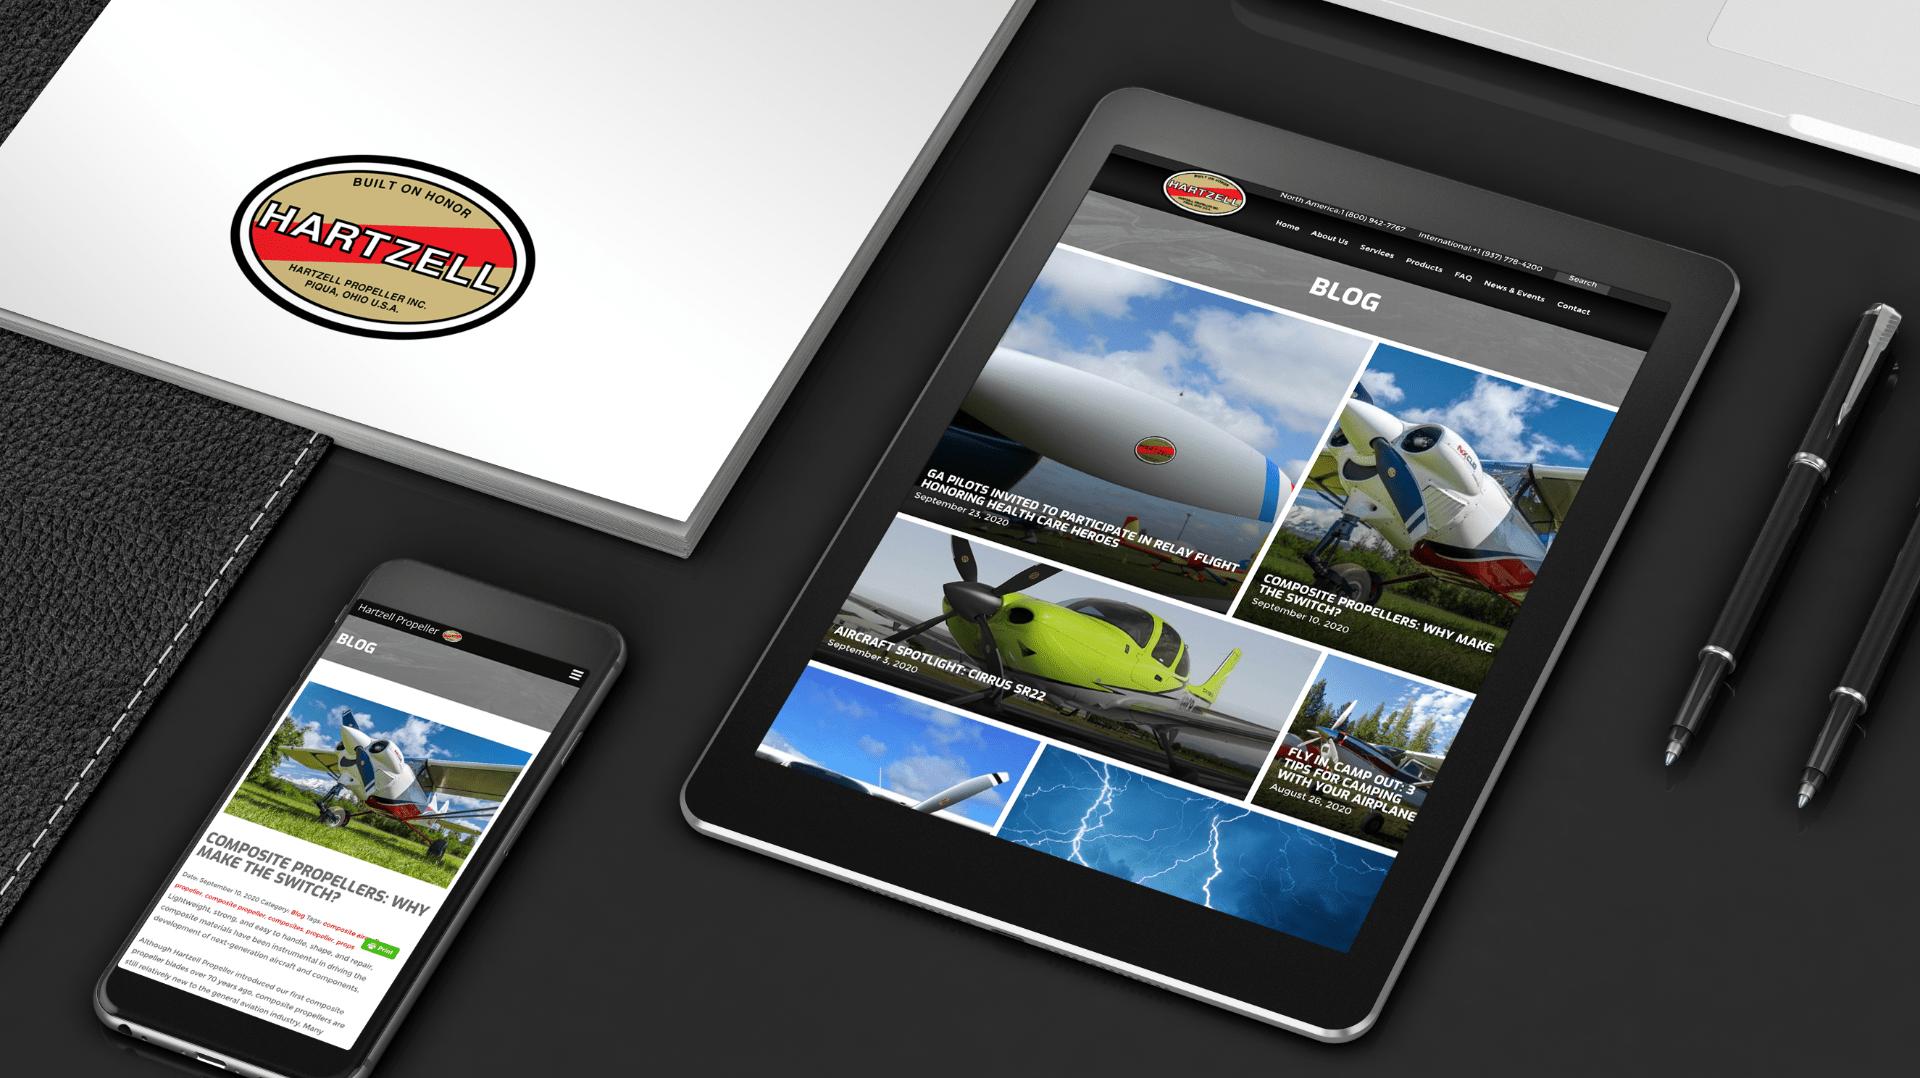 Hartzell Propeller Website screenshots